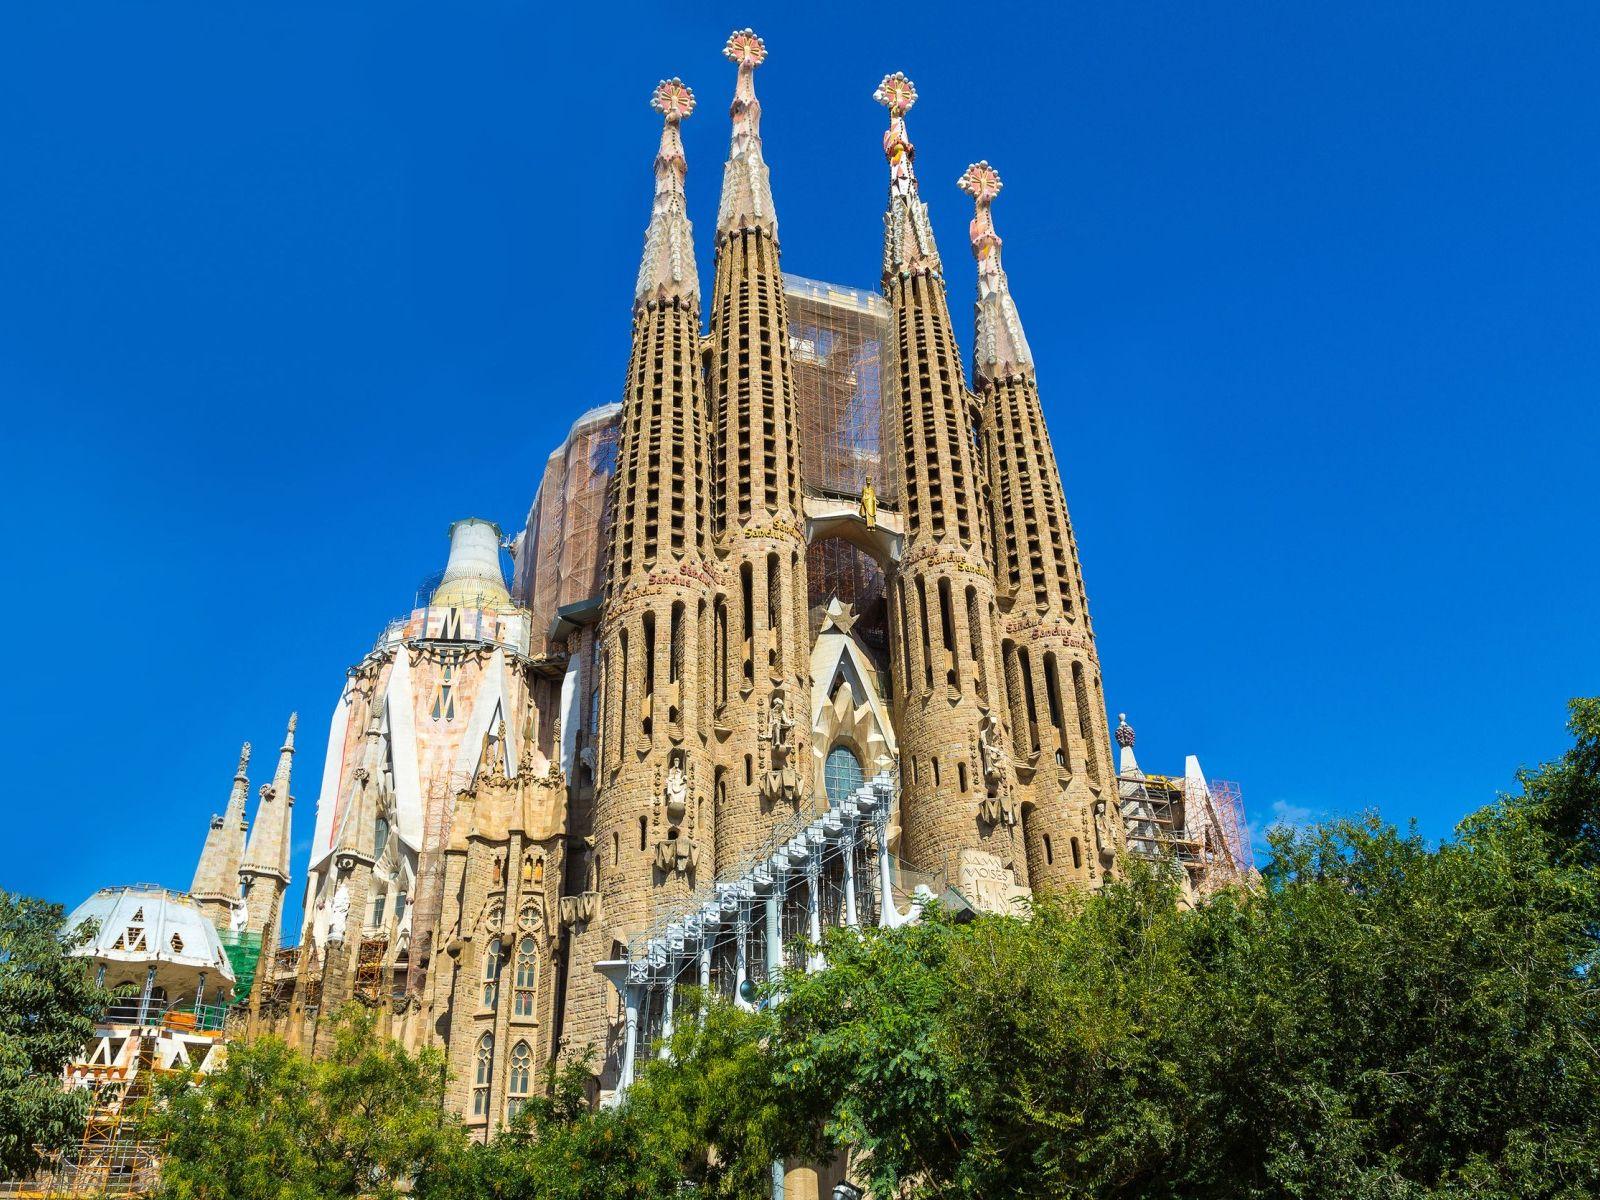 BARCELONA SPANNABIS KRSTARENJE: Barcelona: Sagrada Familia